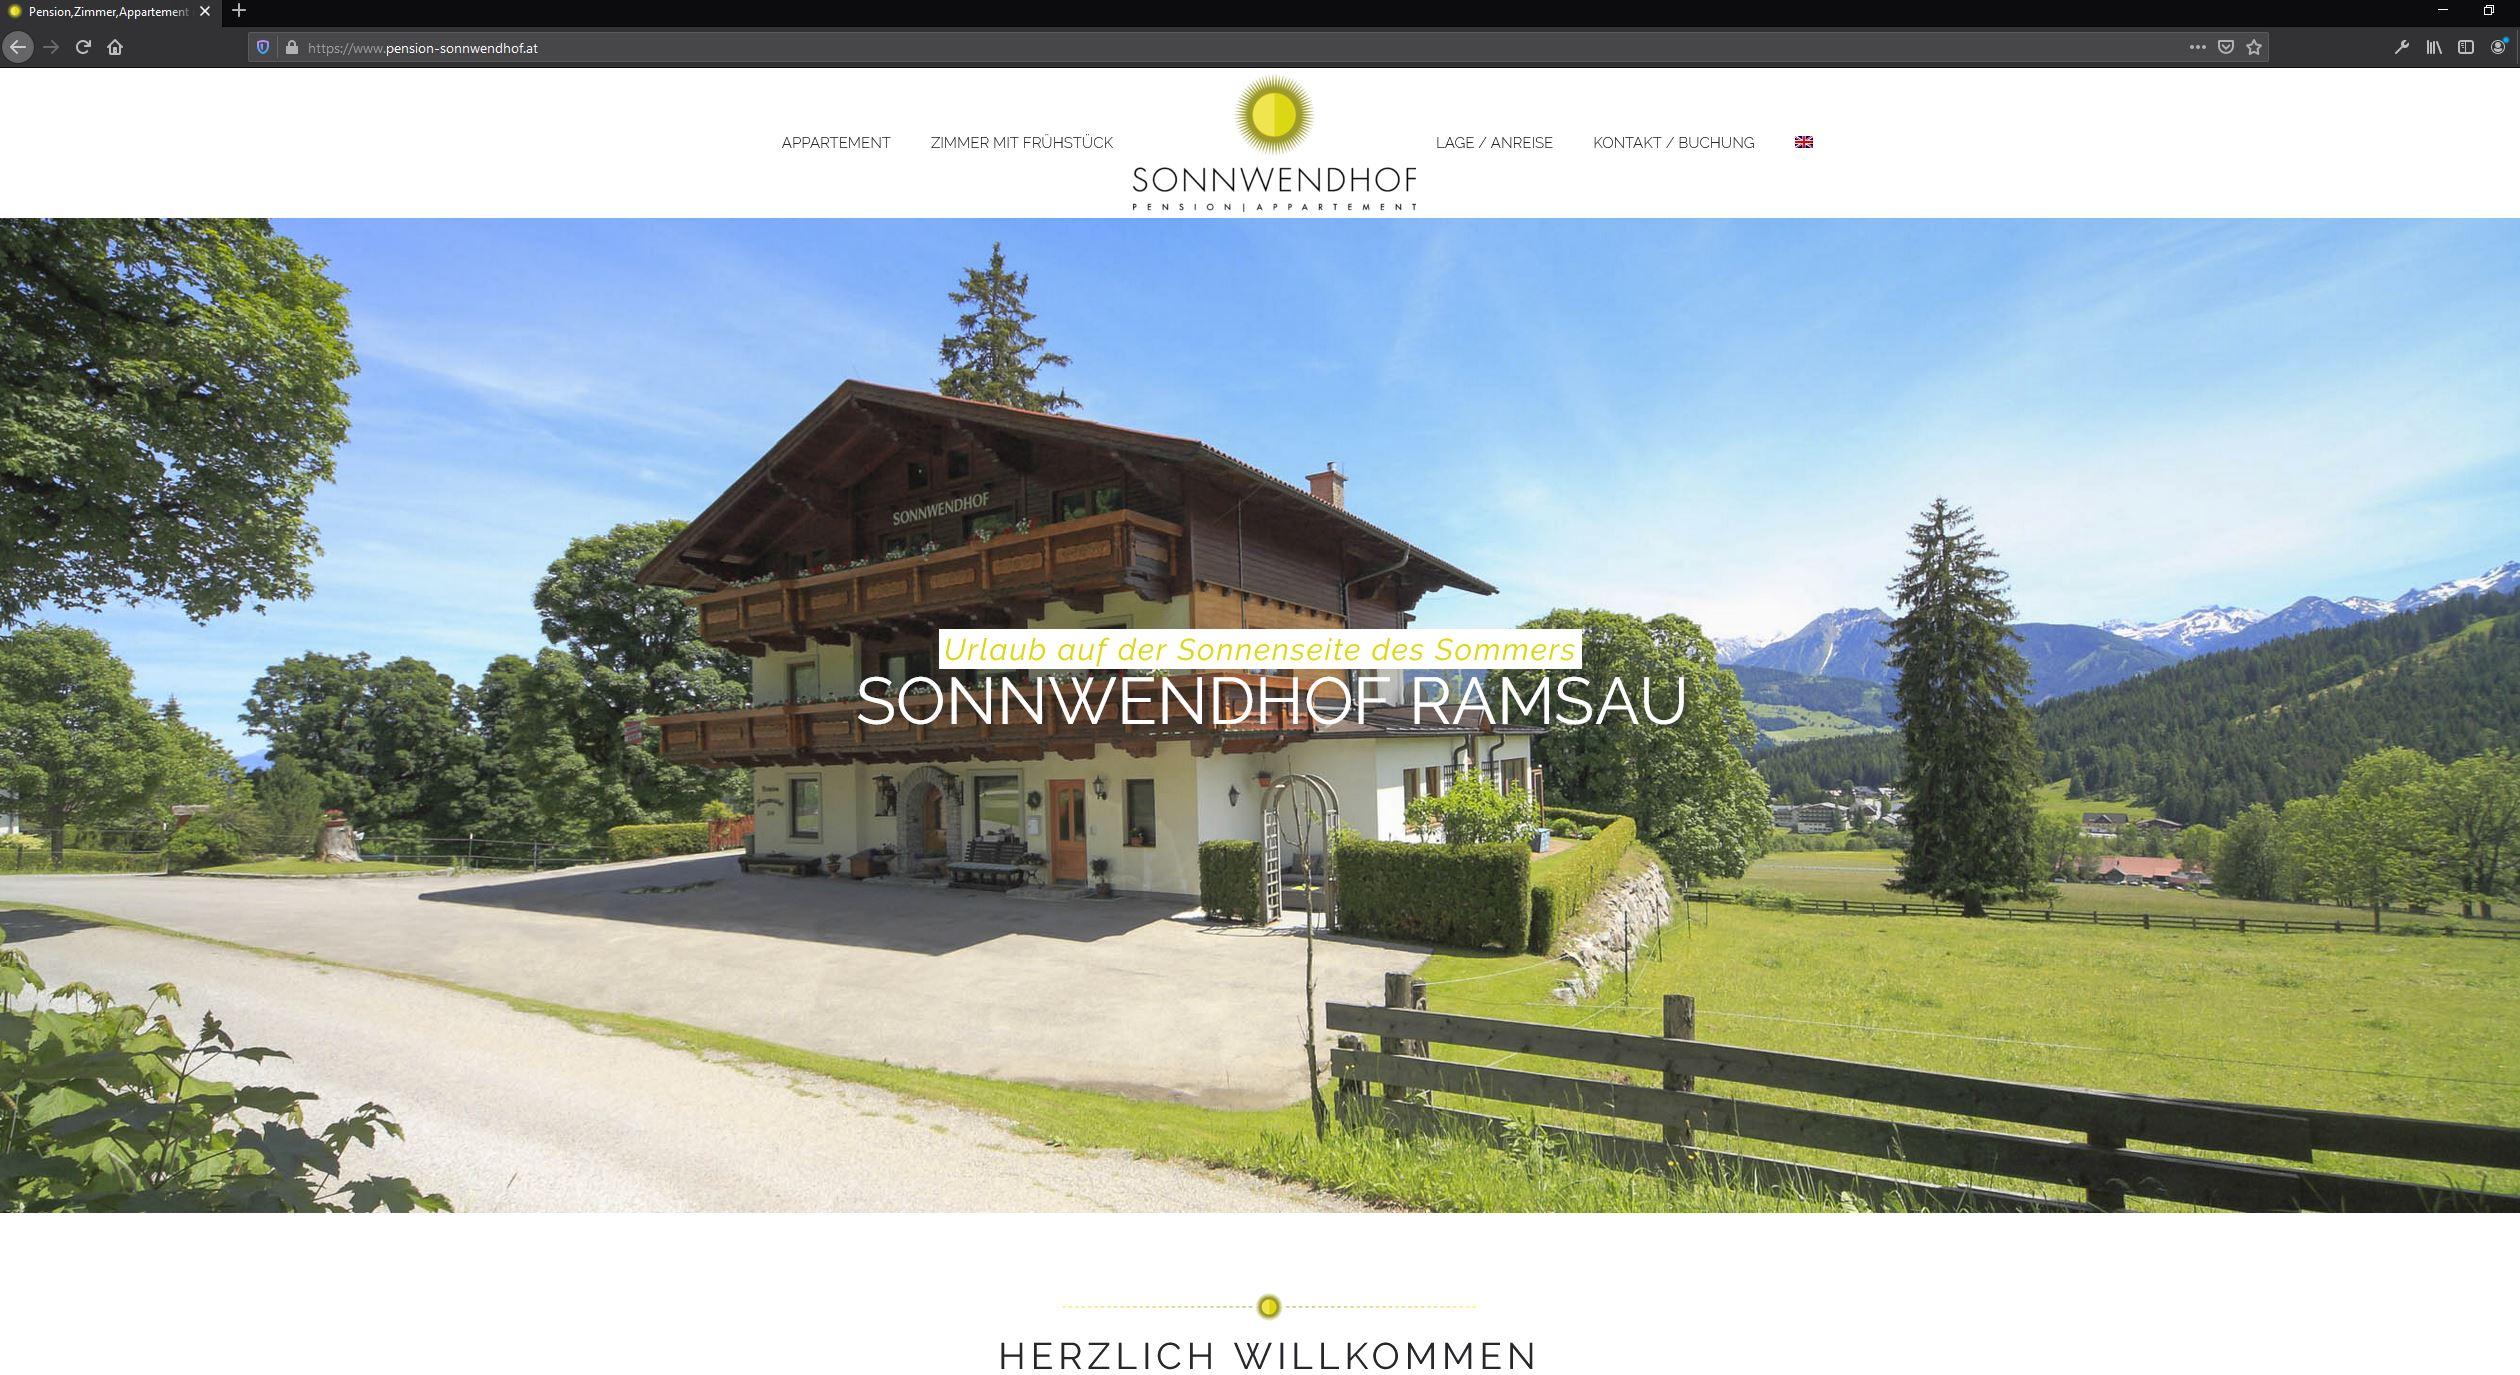 Sonnwendhof Ramsau – Website